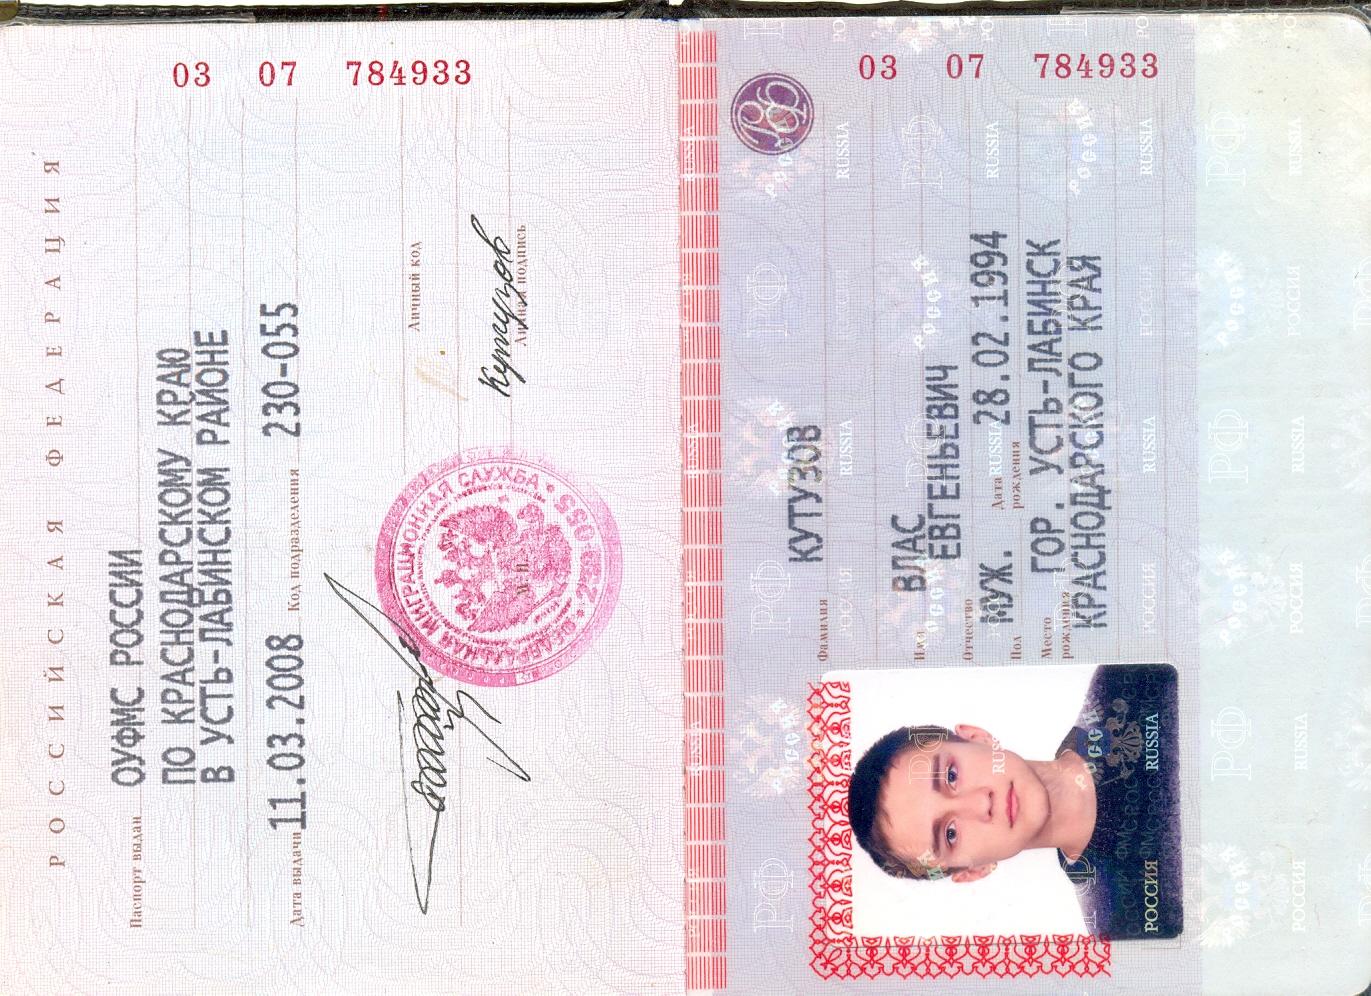 сканы паспорта с пропиской и фото